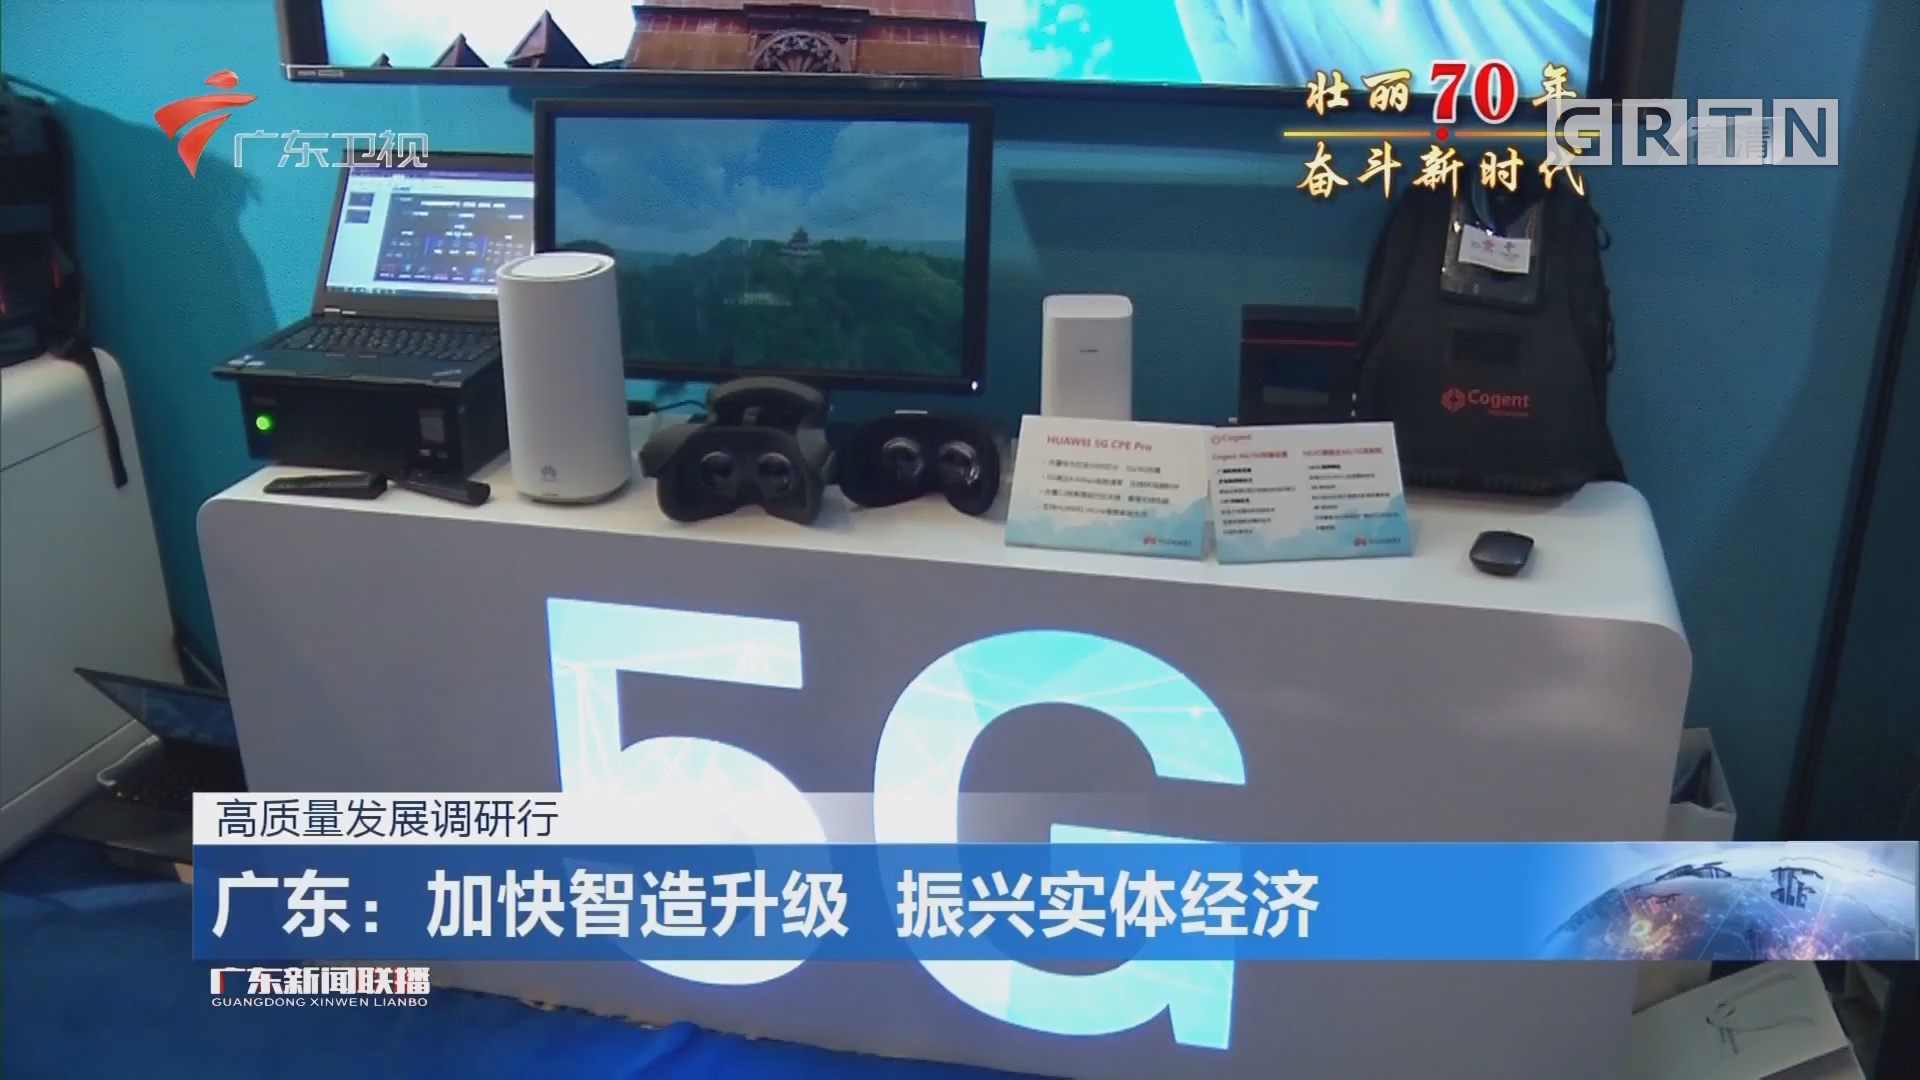 广东:加快智造升级 振兴实体经济